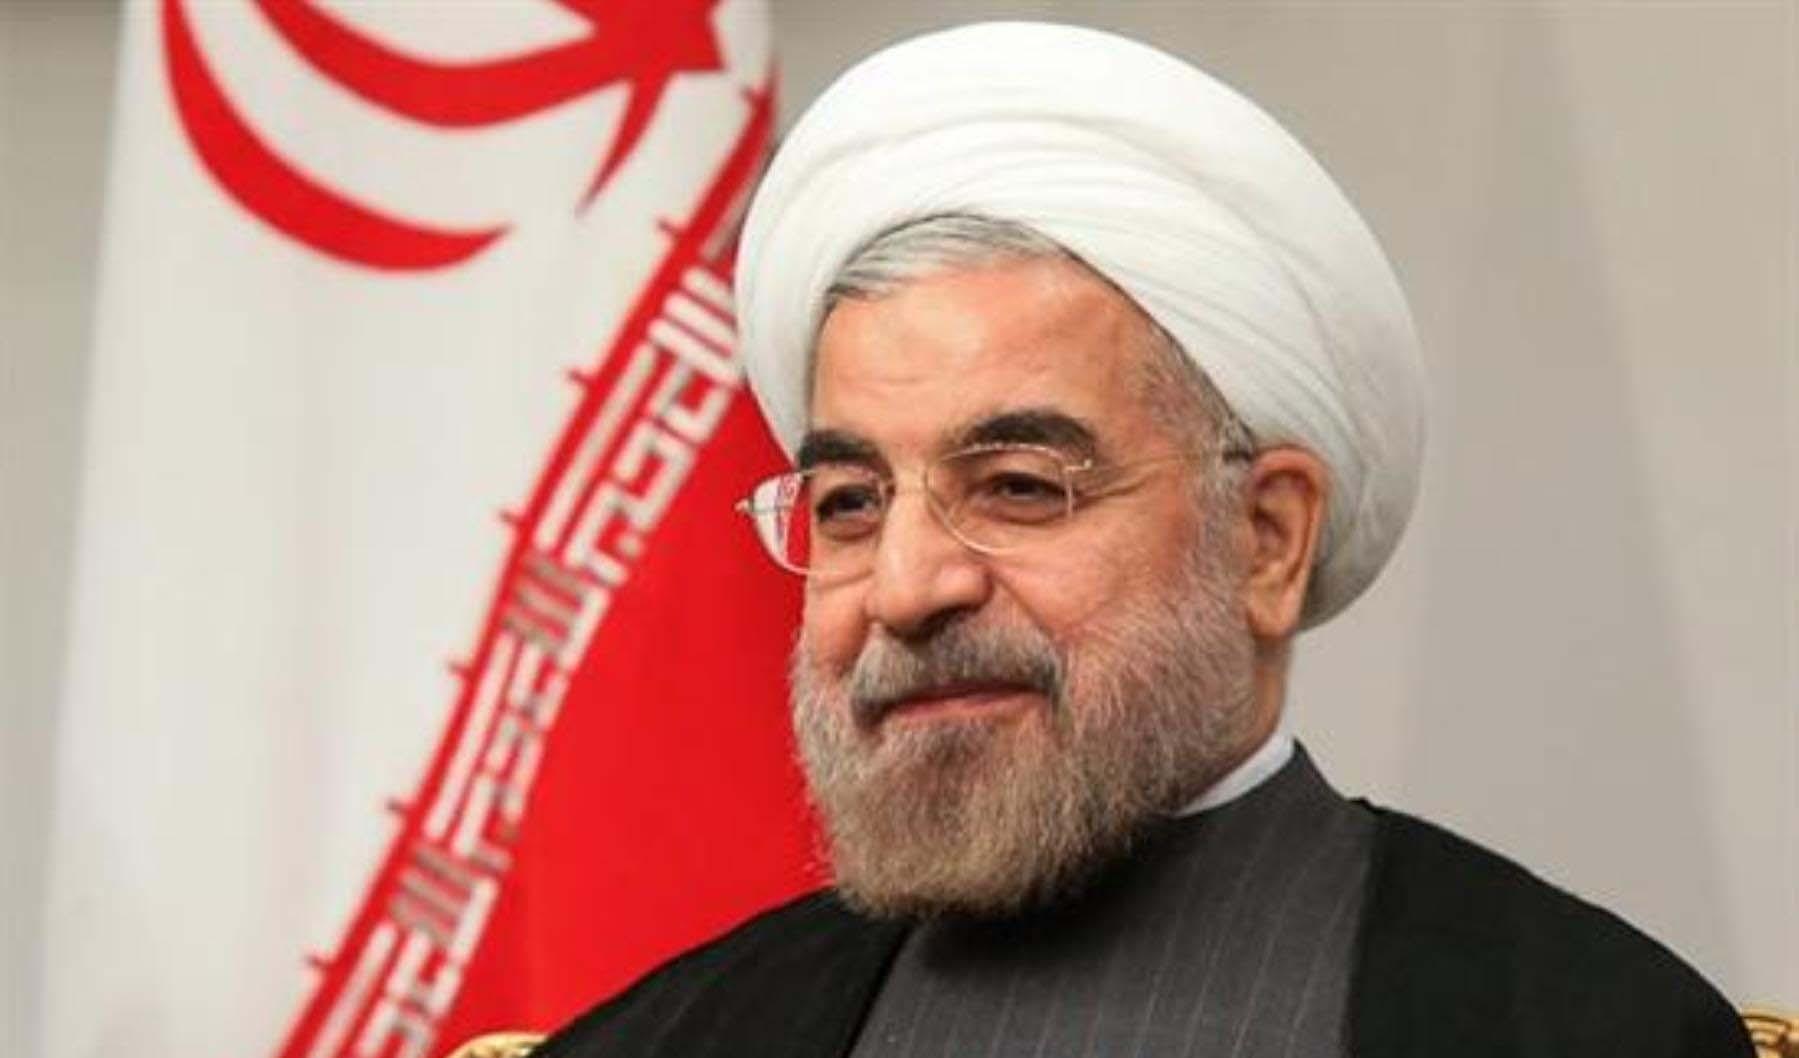 روحانی: رای دیوان بینالمللی دادگستری پیروزی بزرگی برای ملت ایران است